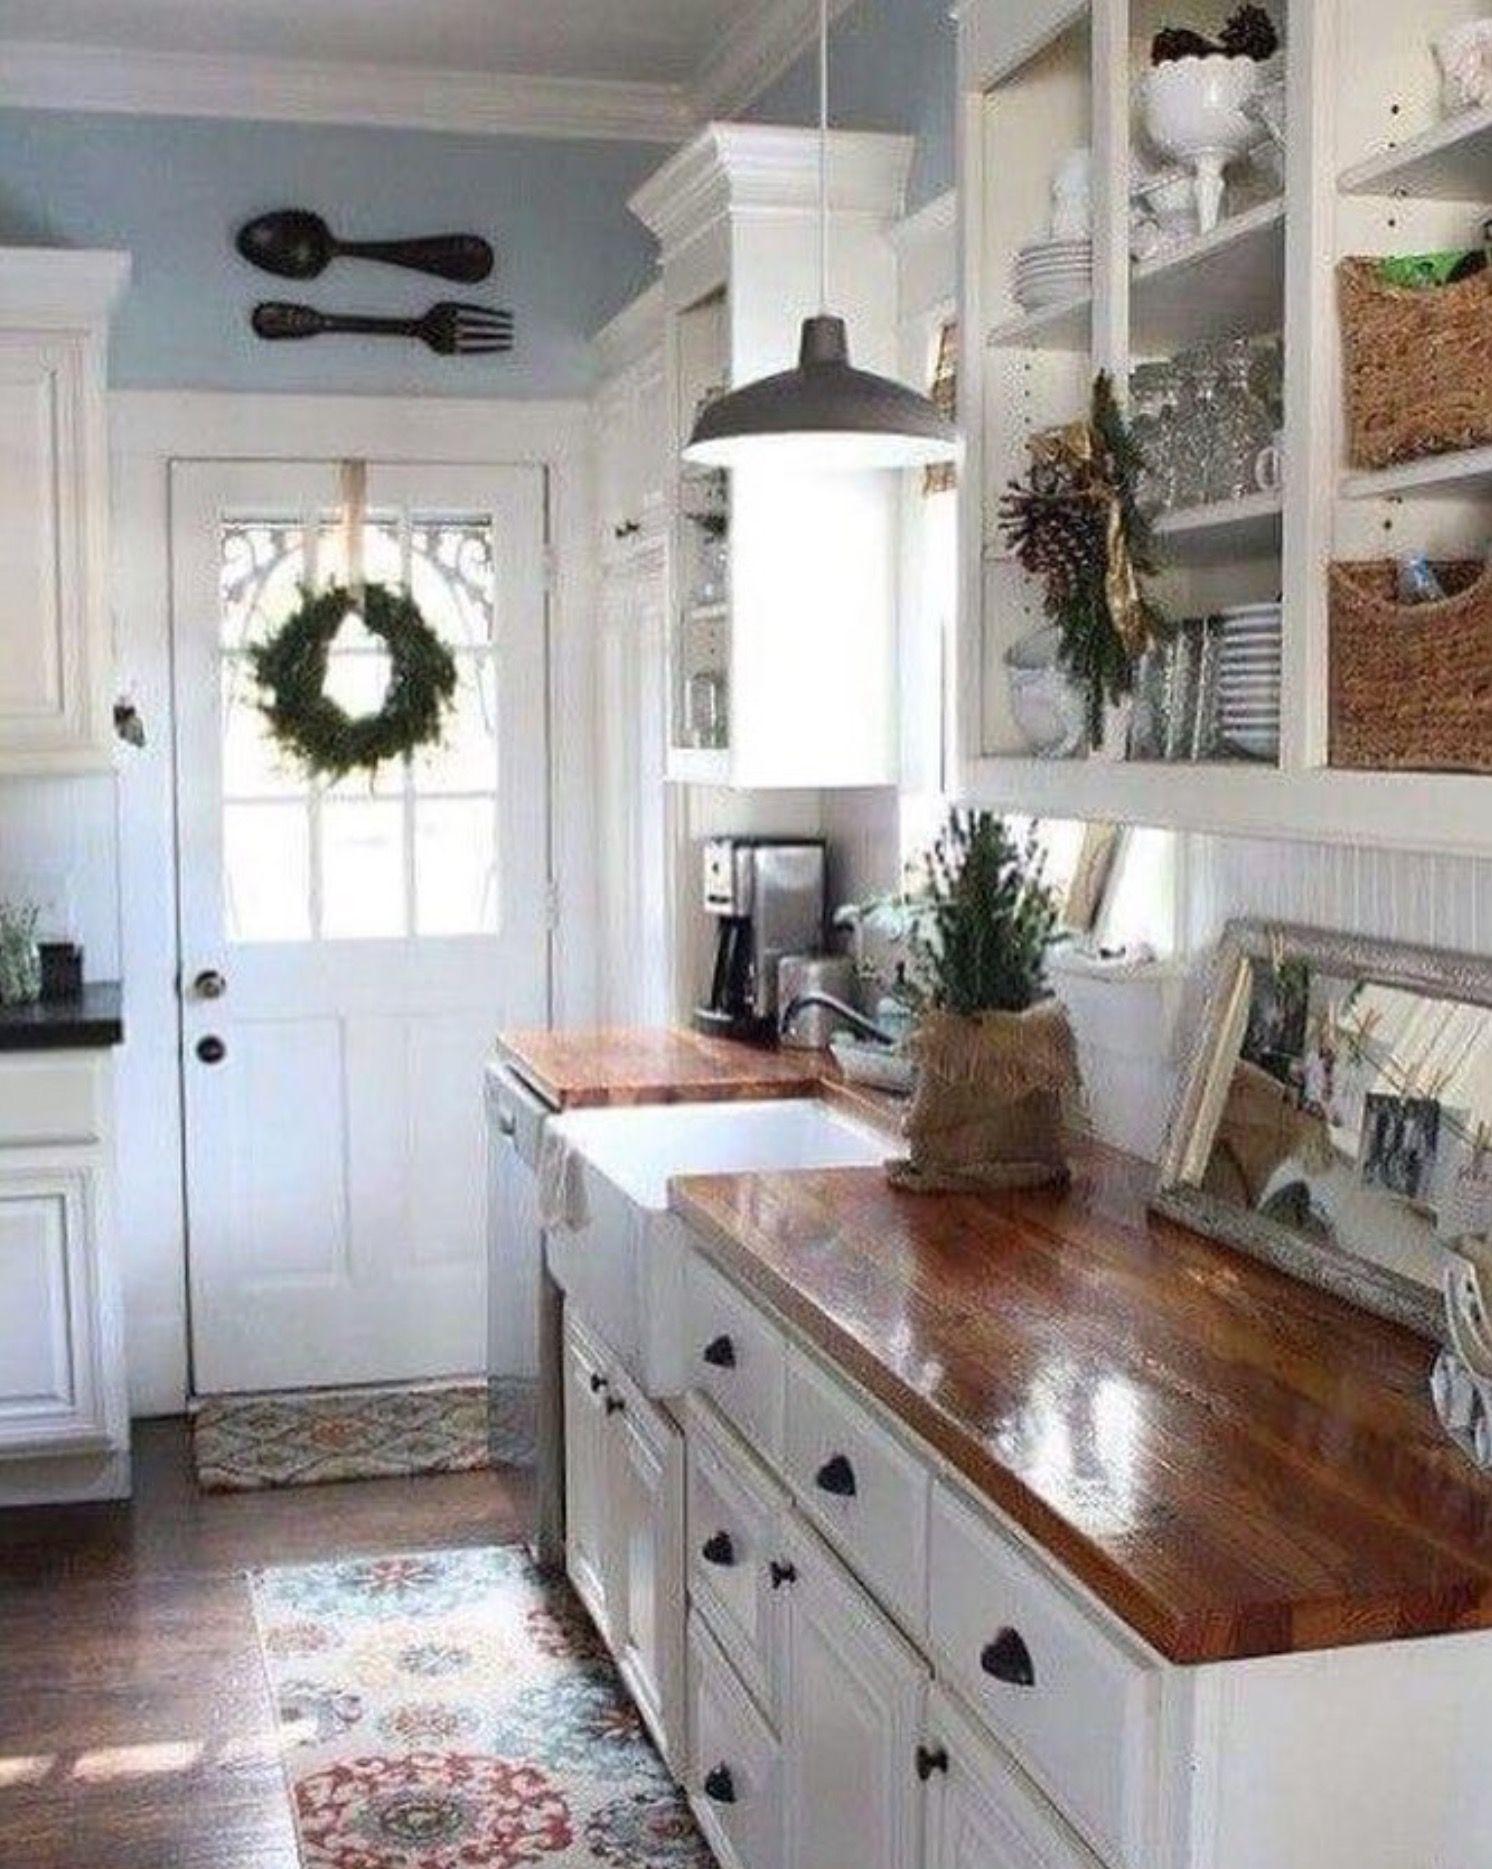 Küchendesign und fliesen counters  wohnen  pinterest  haus zuhause und landhaus